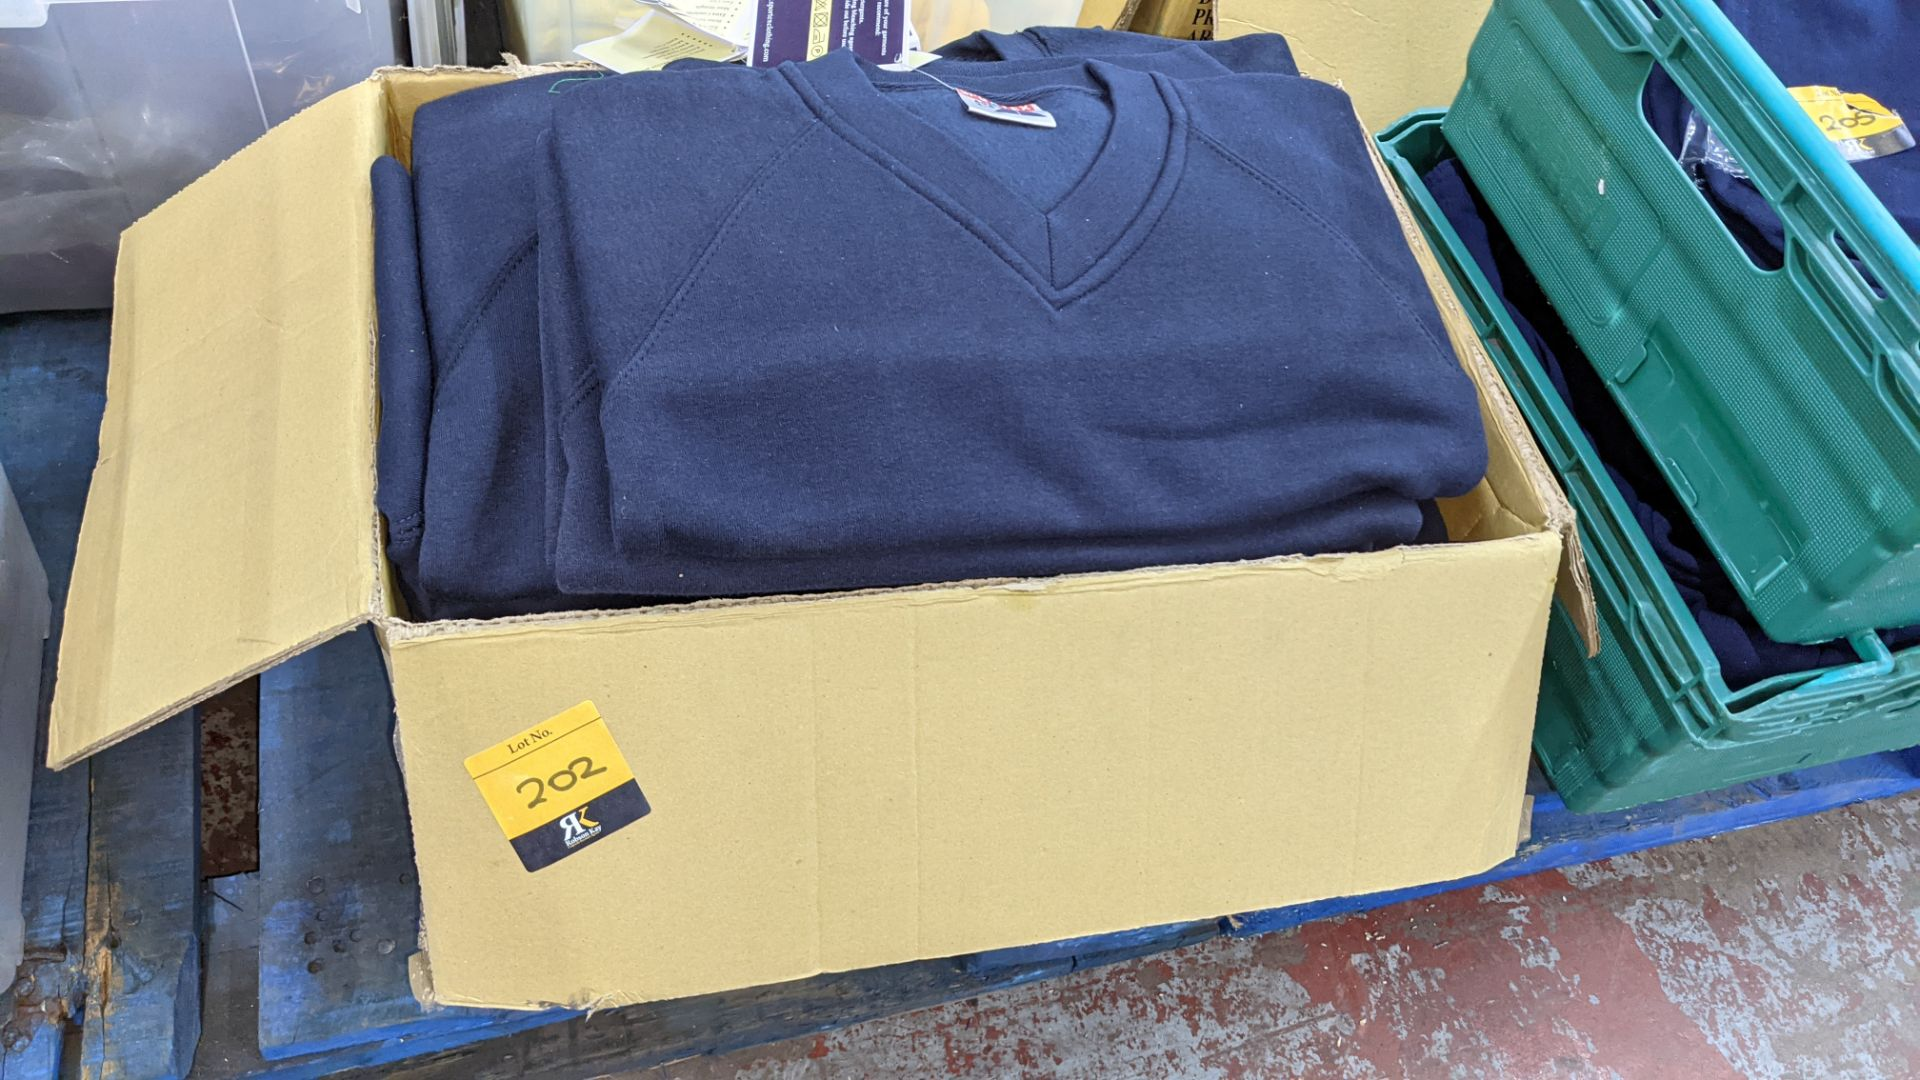 Approx 14 off Sportex children's blue V-neck sweatshirts